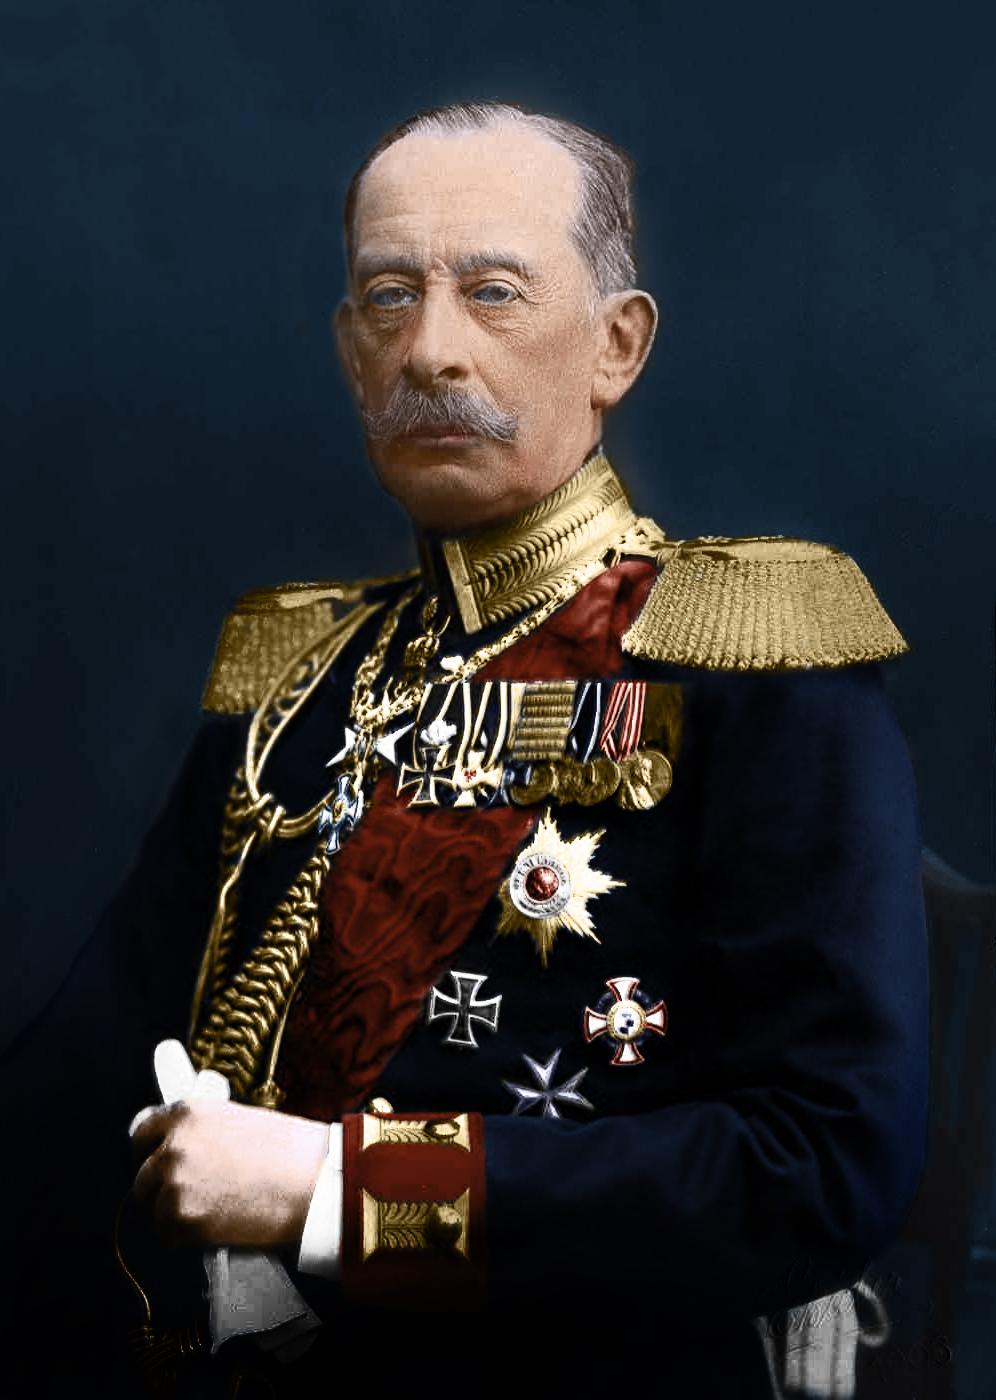 Jako nastolatek wkorpusie kadetów Manstein miał okazję podziwiać między innymi feldmarszałka Alfreda von Schlieffena.